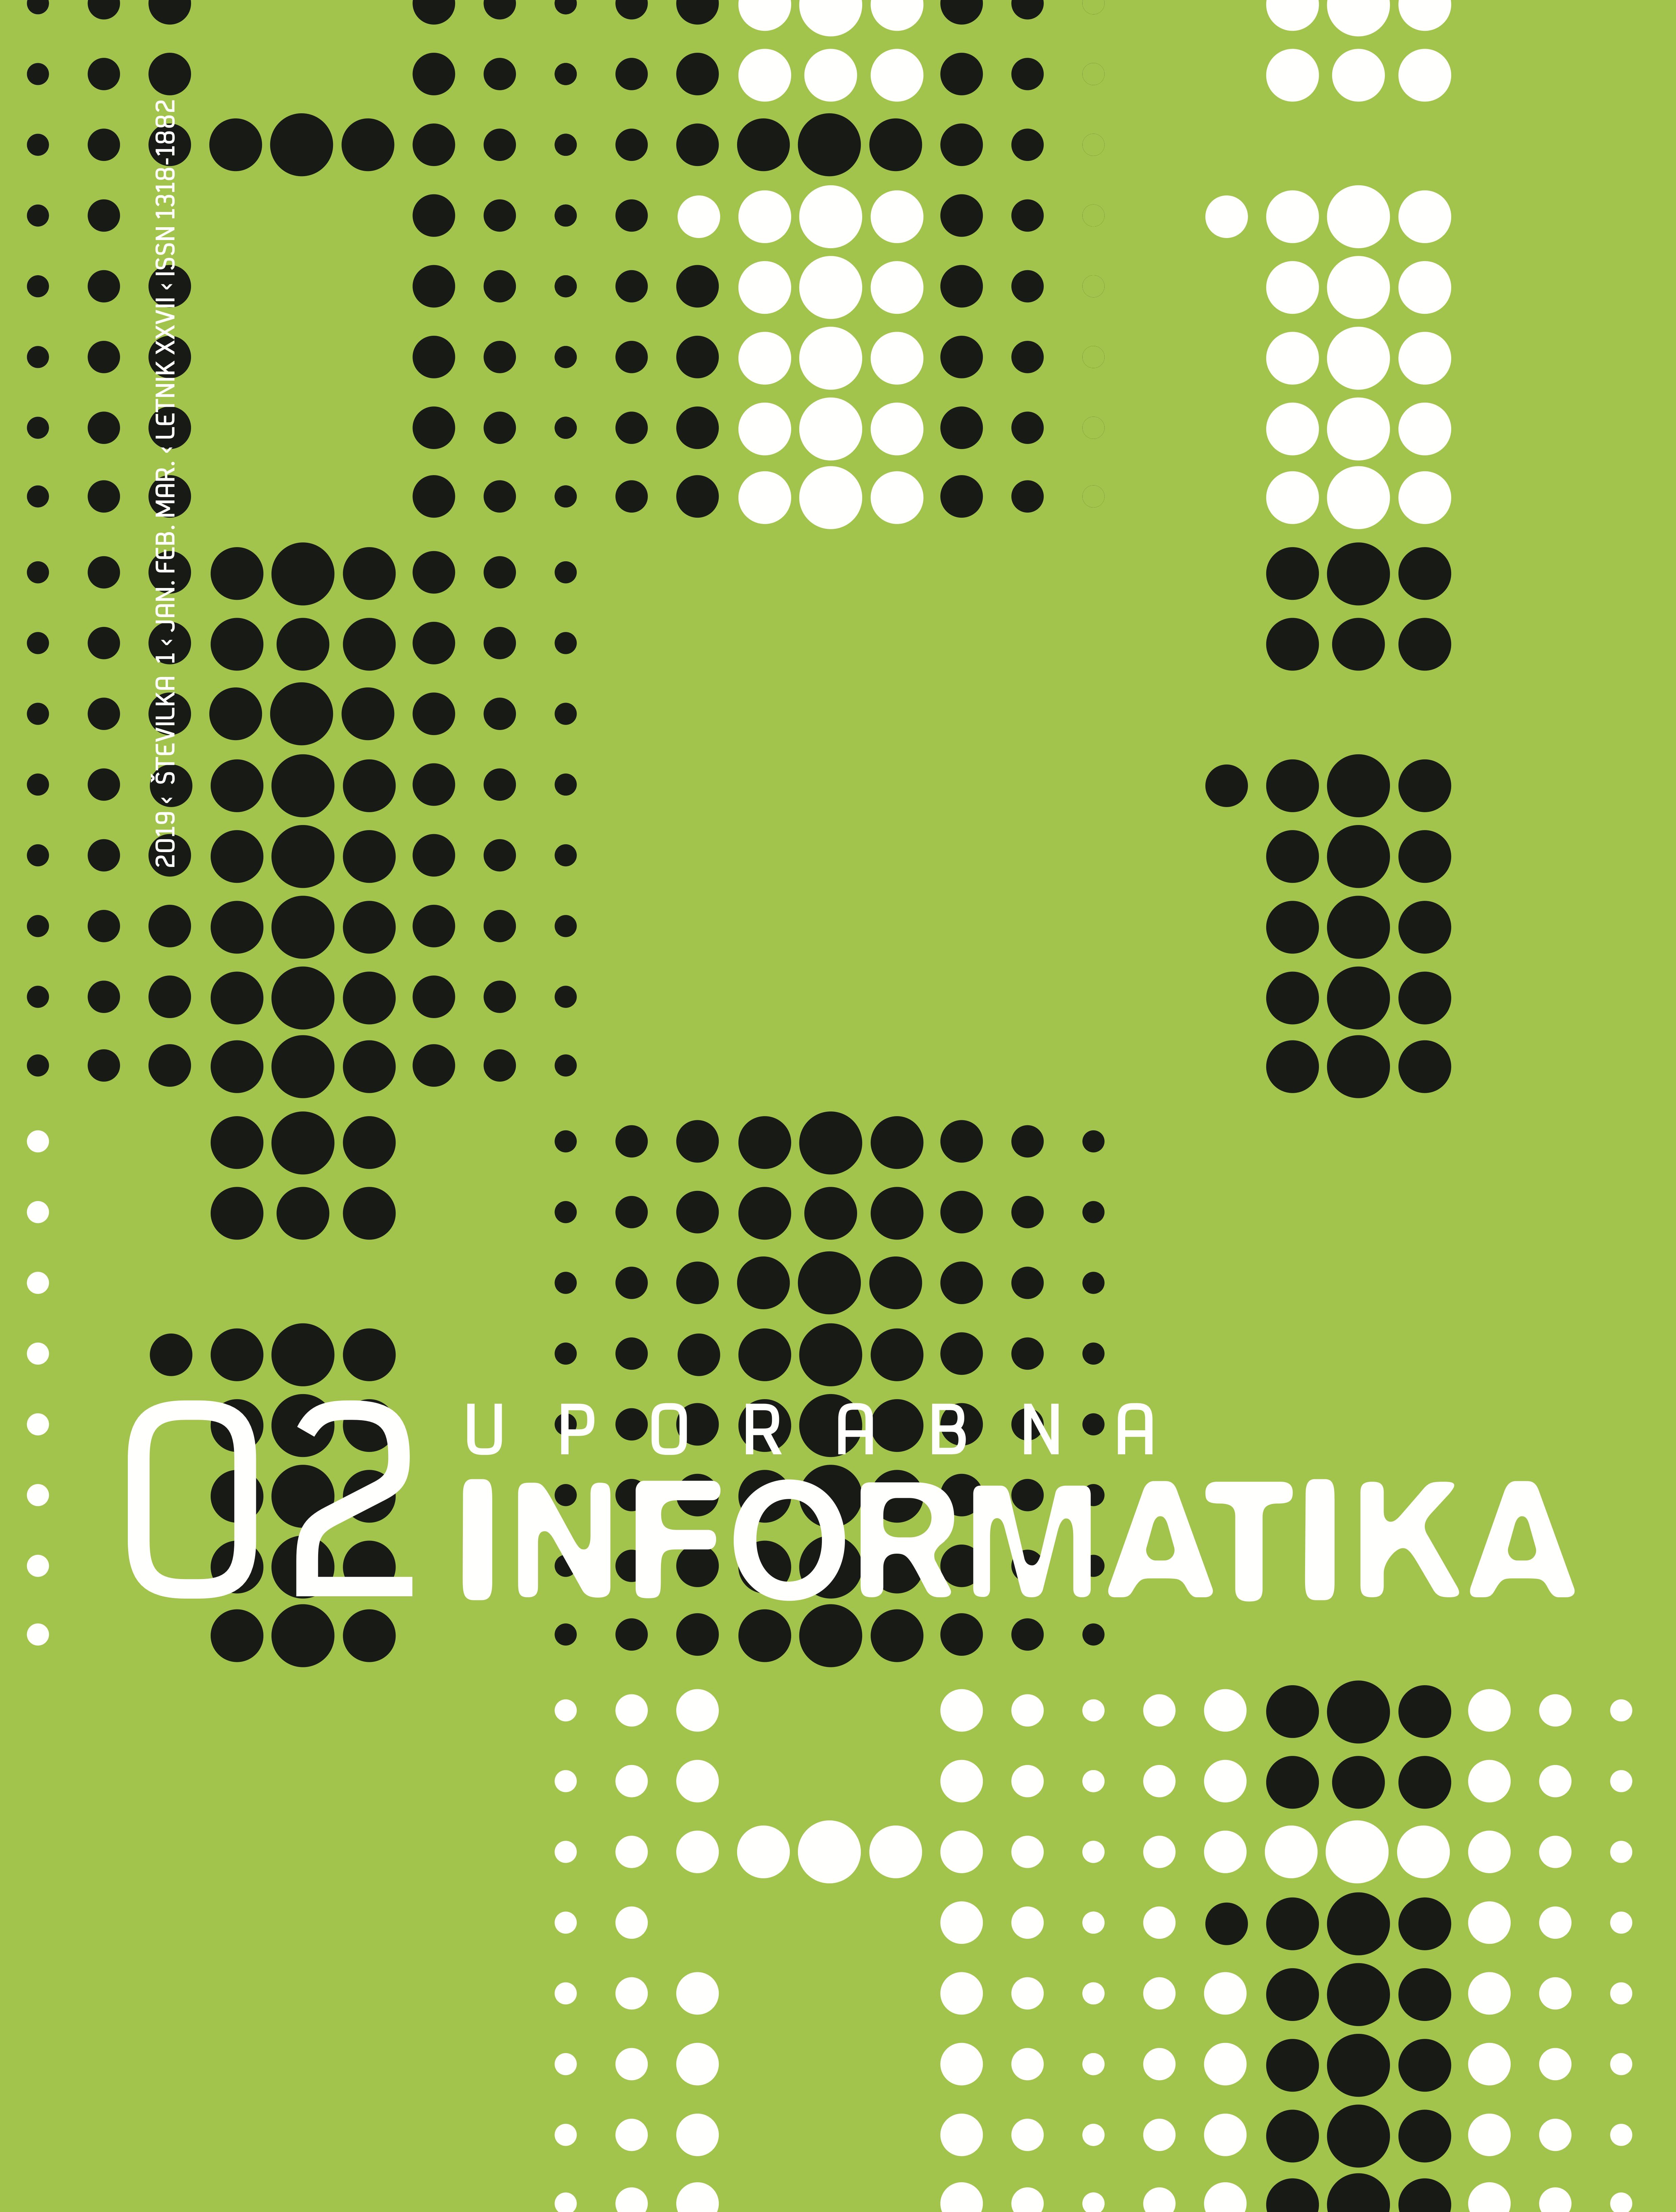 Poglej Letn. 27 Št. 2 (2019): Uporabna informatika